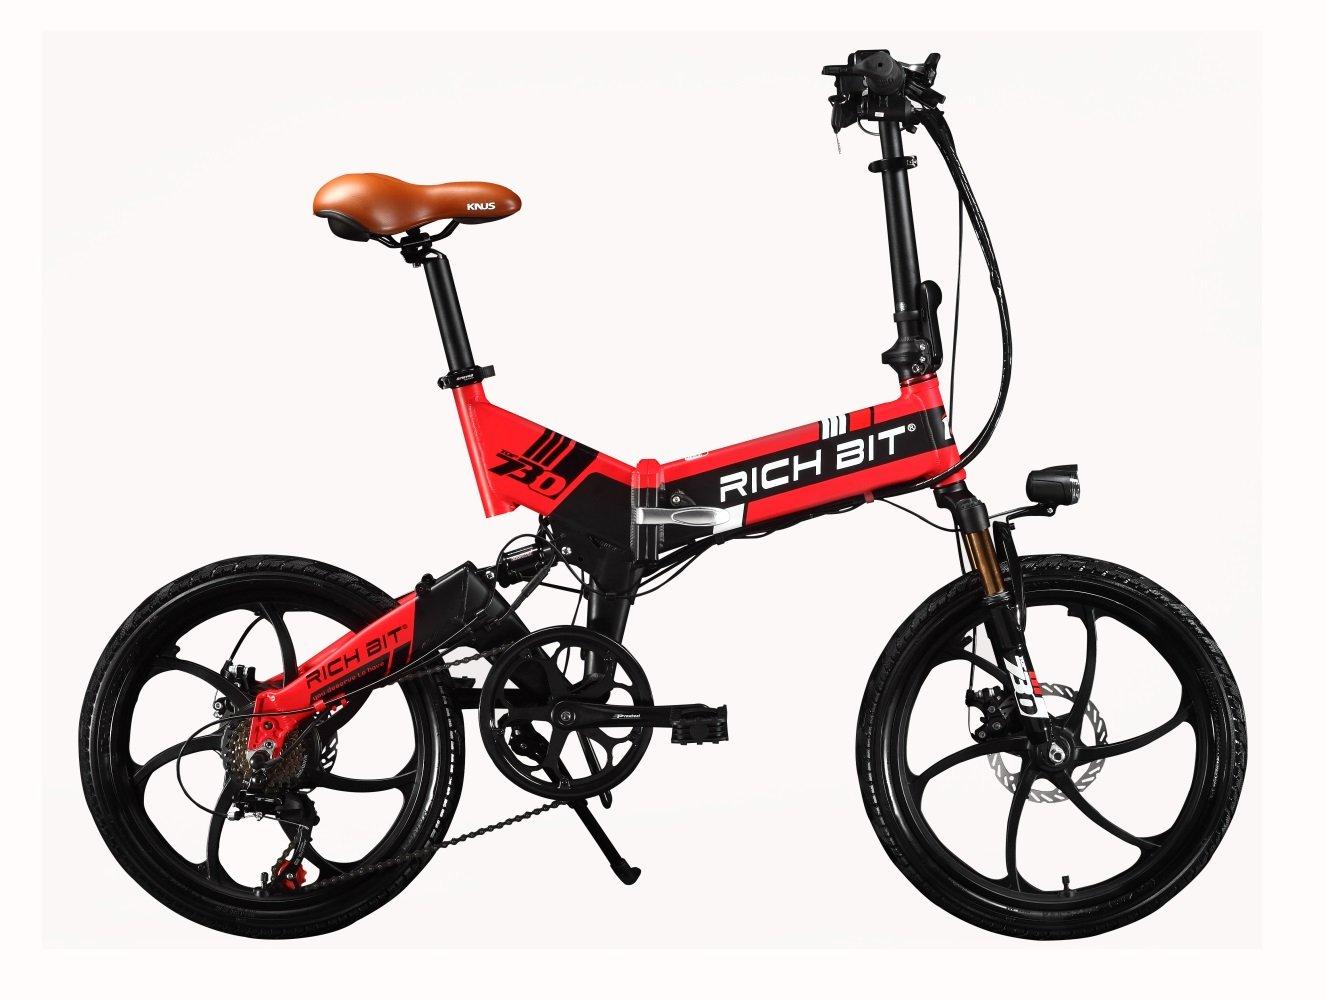 RICH BIT RT730 - Bicicleta eléctrica plegable de ciudad, unisex, 250W*48V*8*Ah, 20pulgadas, doble suspensión, 7marchas, desviador de Shimano, batería de LG, ...